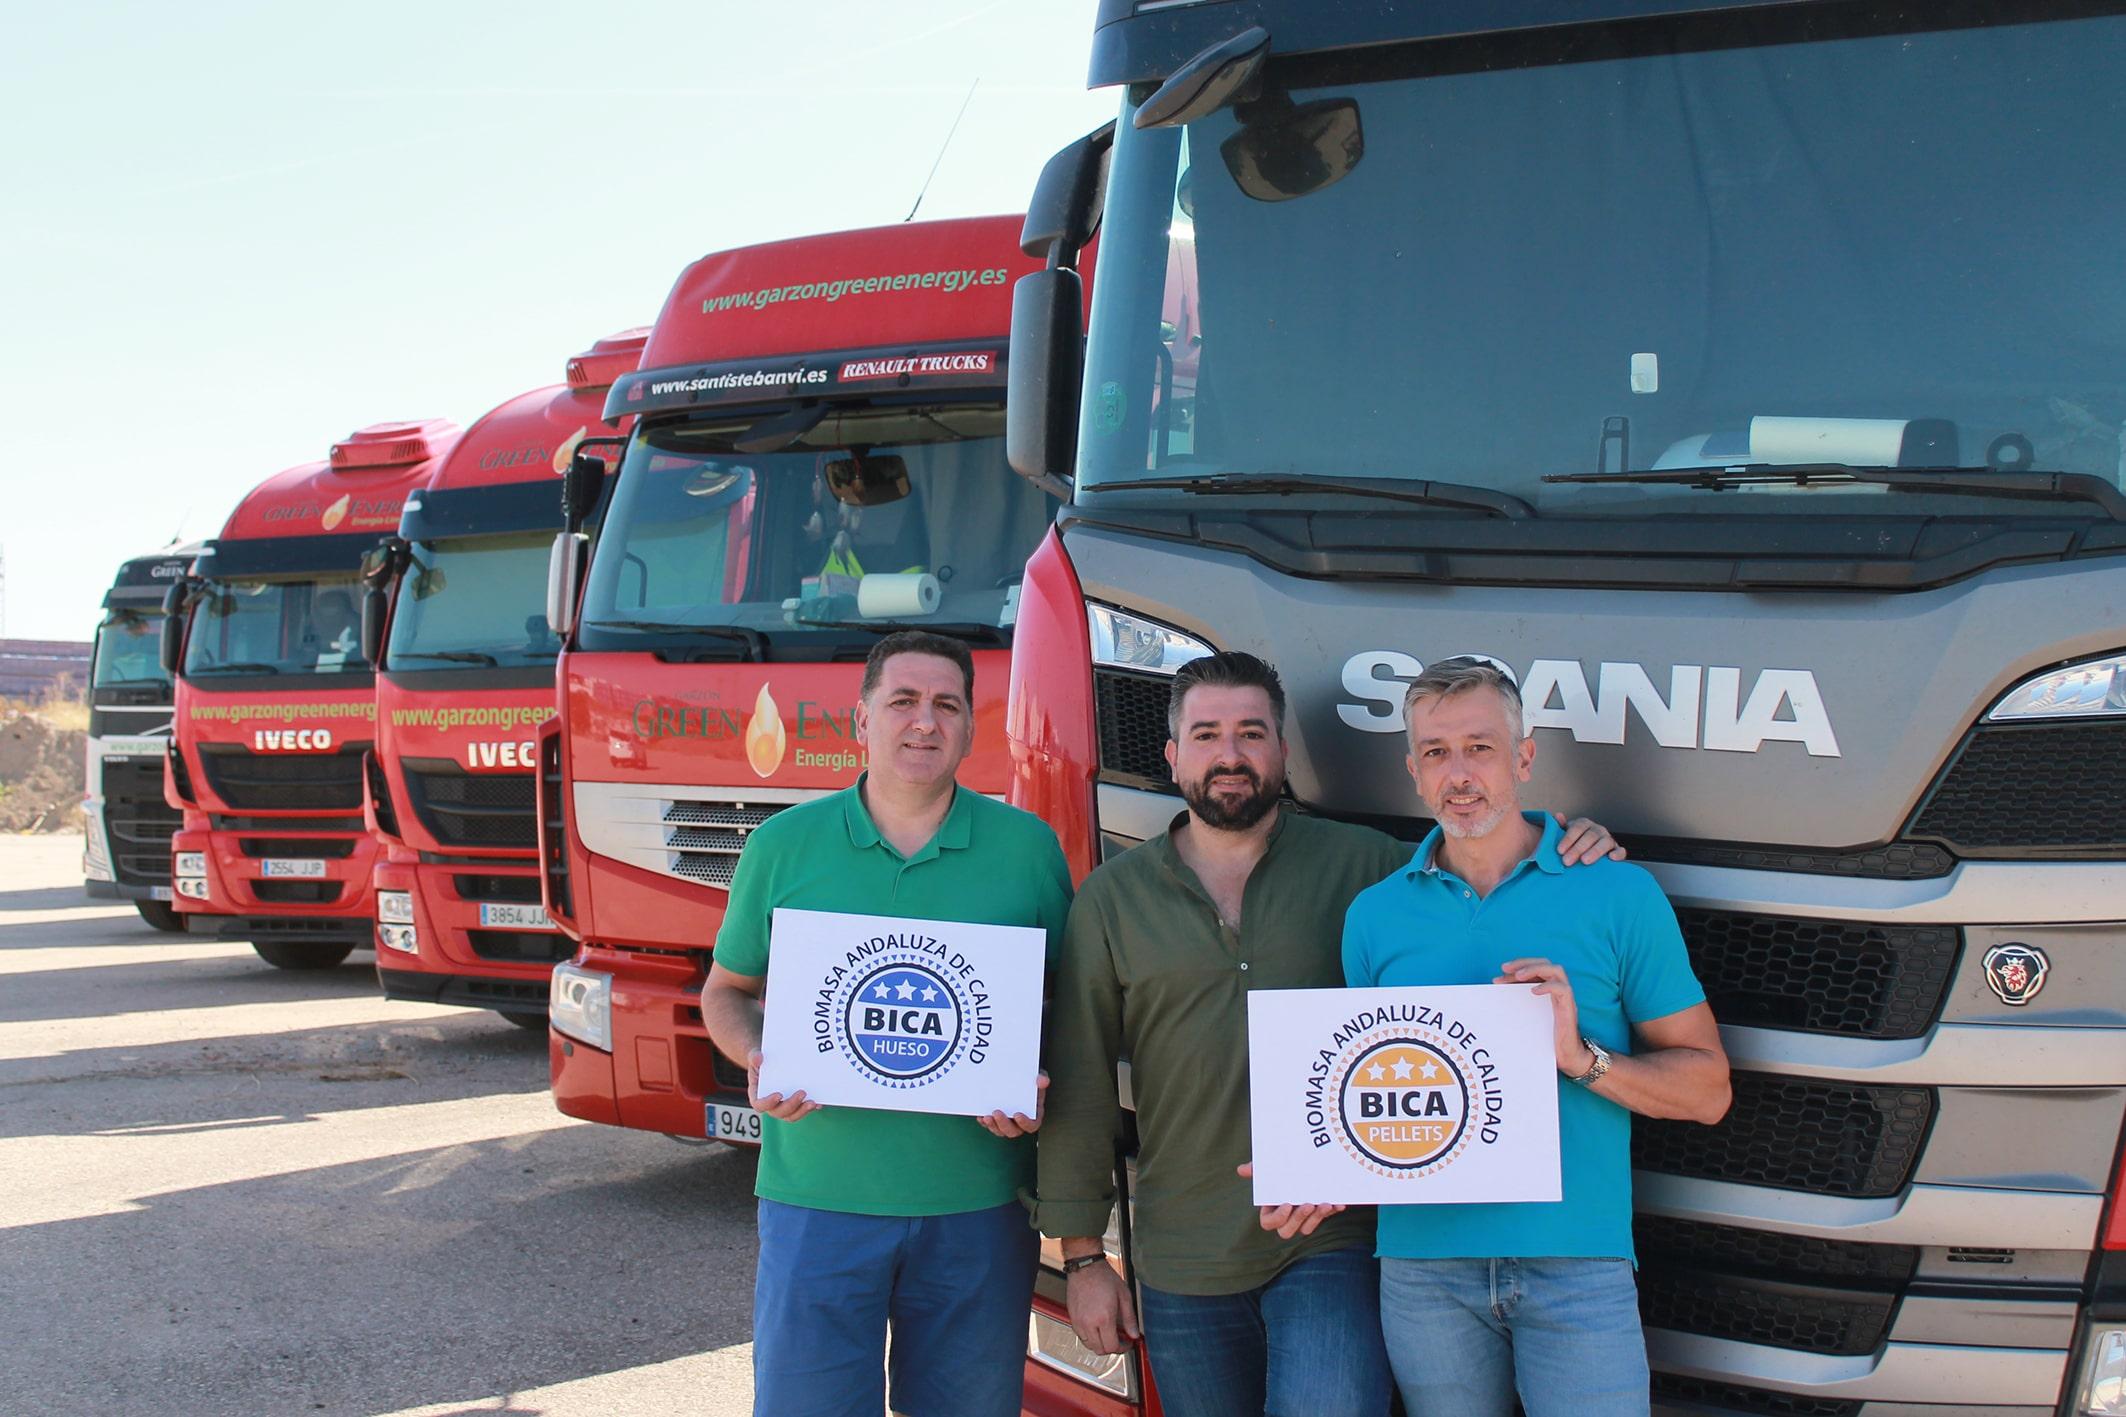 Garzón Green Energy logra el sello de calidad de la biomasa andaluza BICA